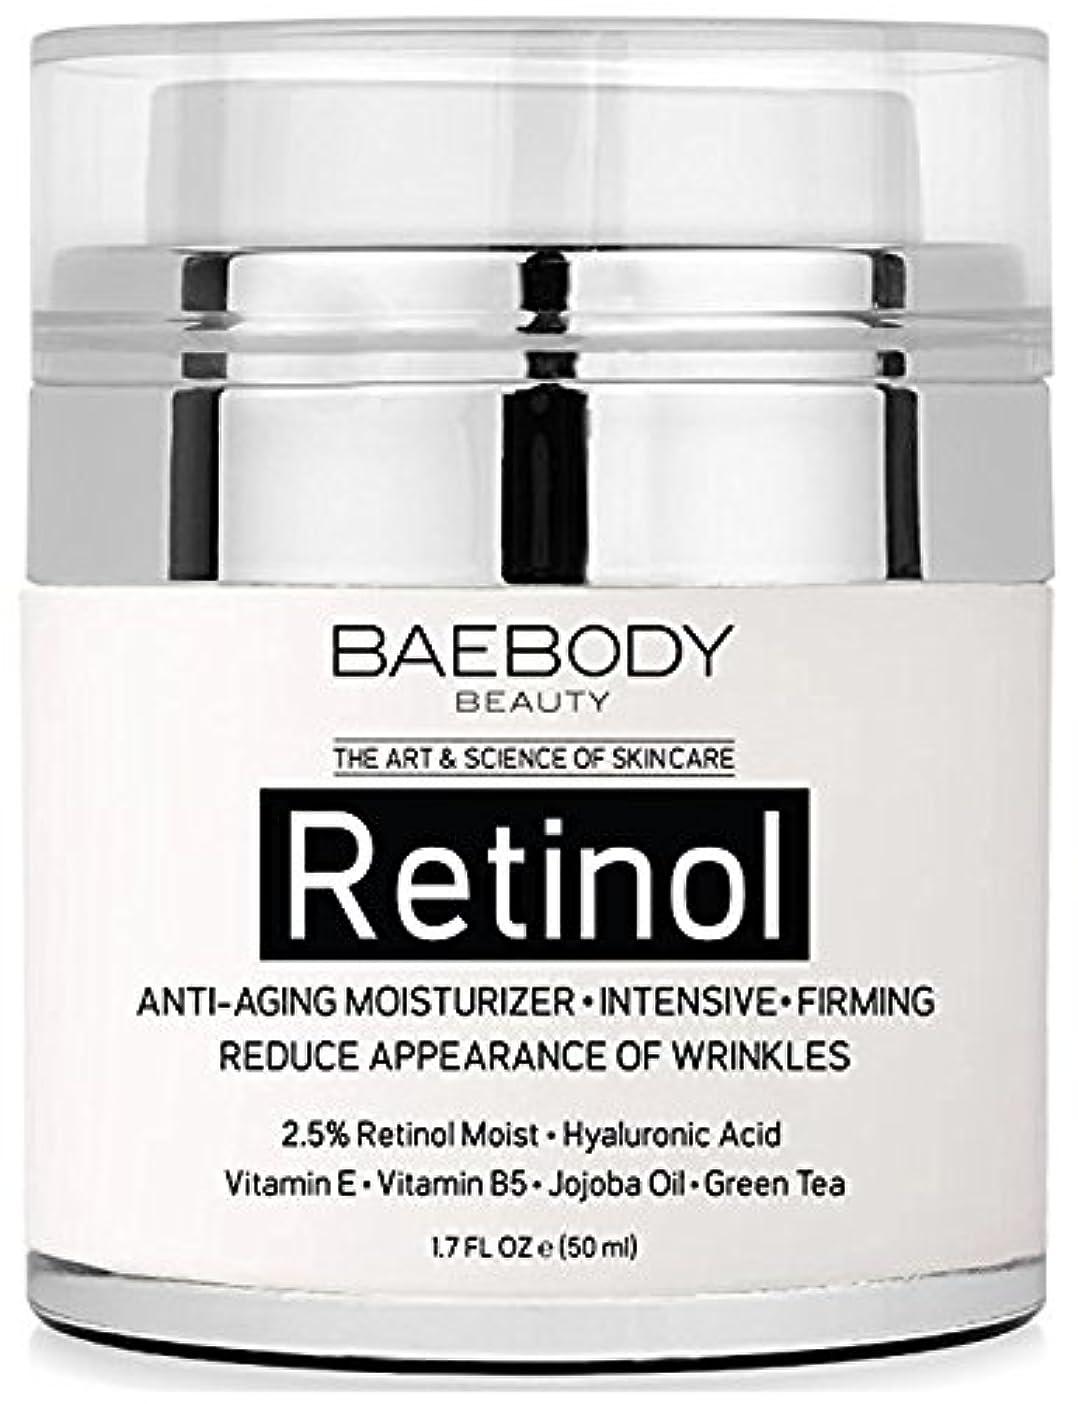 悪化する嬉しいです買うBaebody社 の レチノール 保湿クリーム Baebody Retinol Moisturizer Cream [並行輸入品]